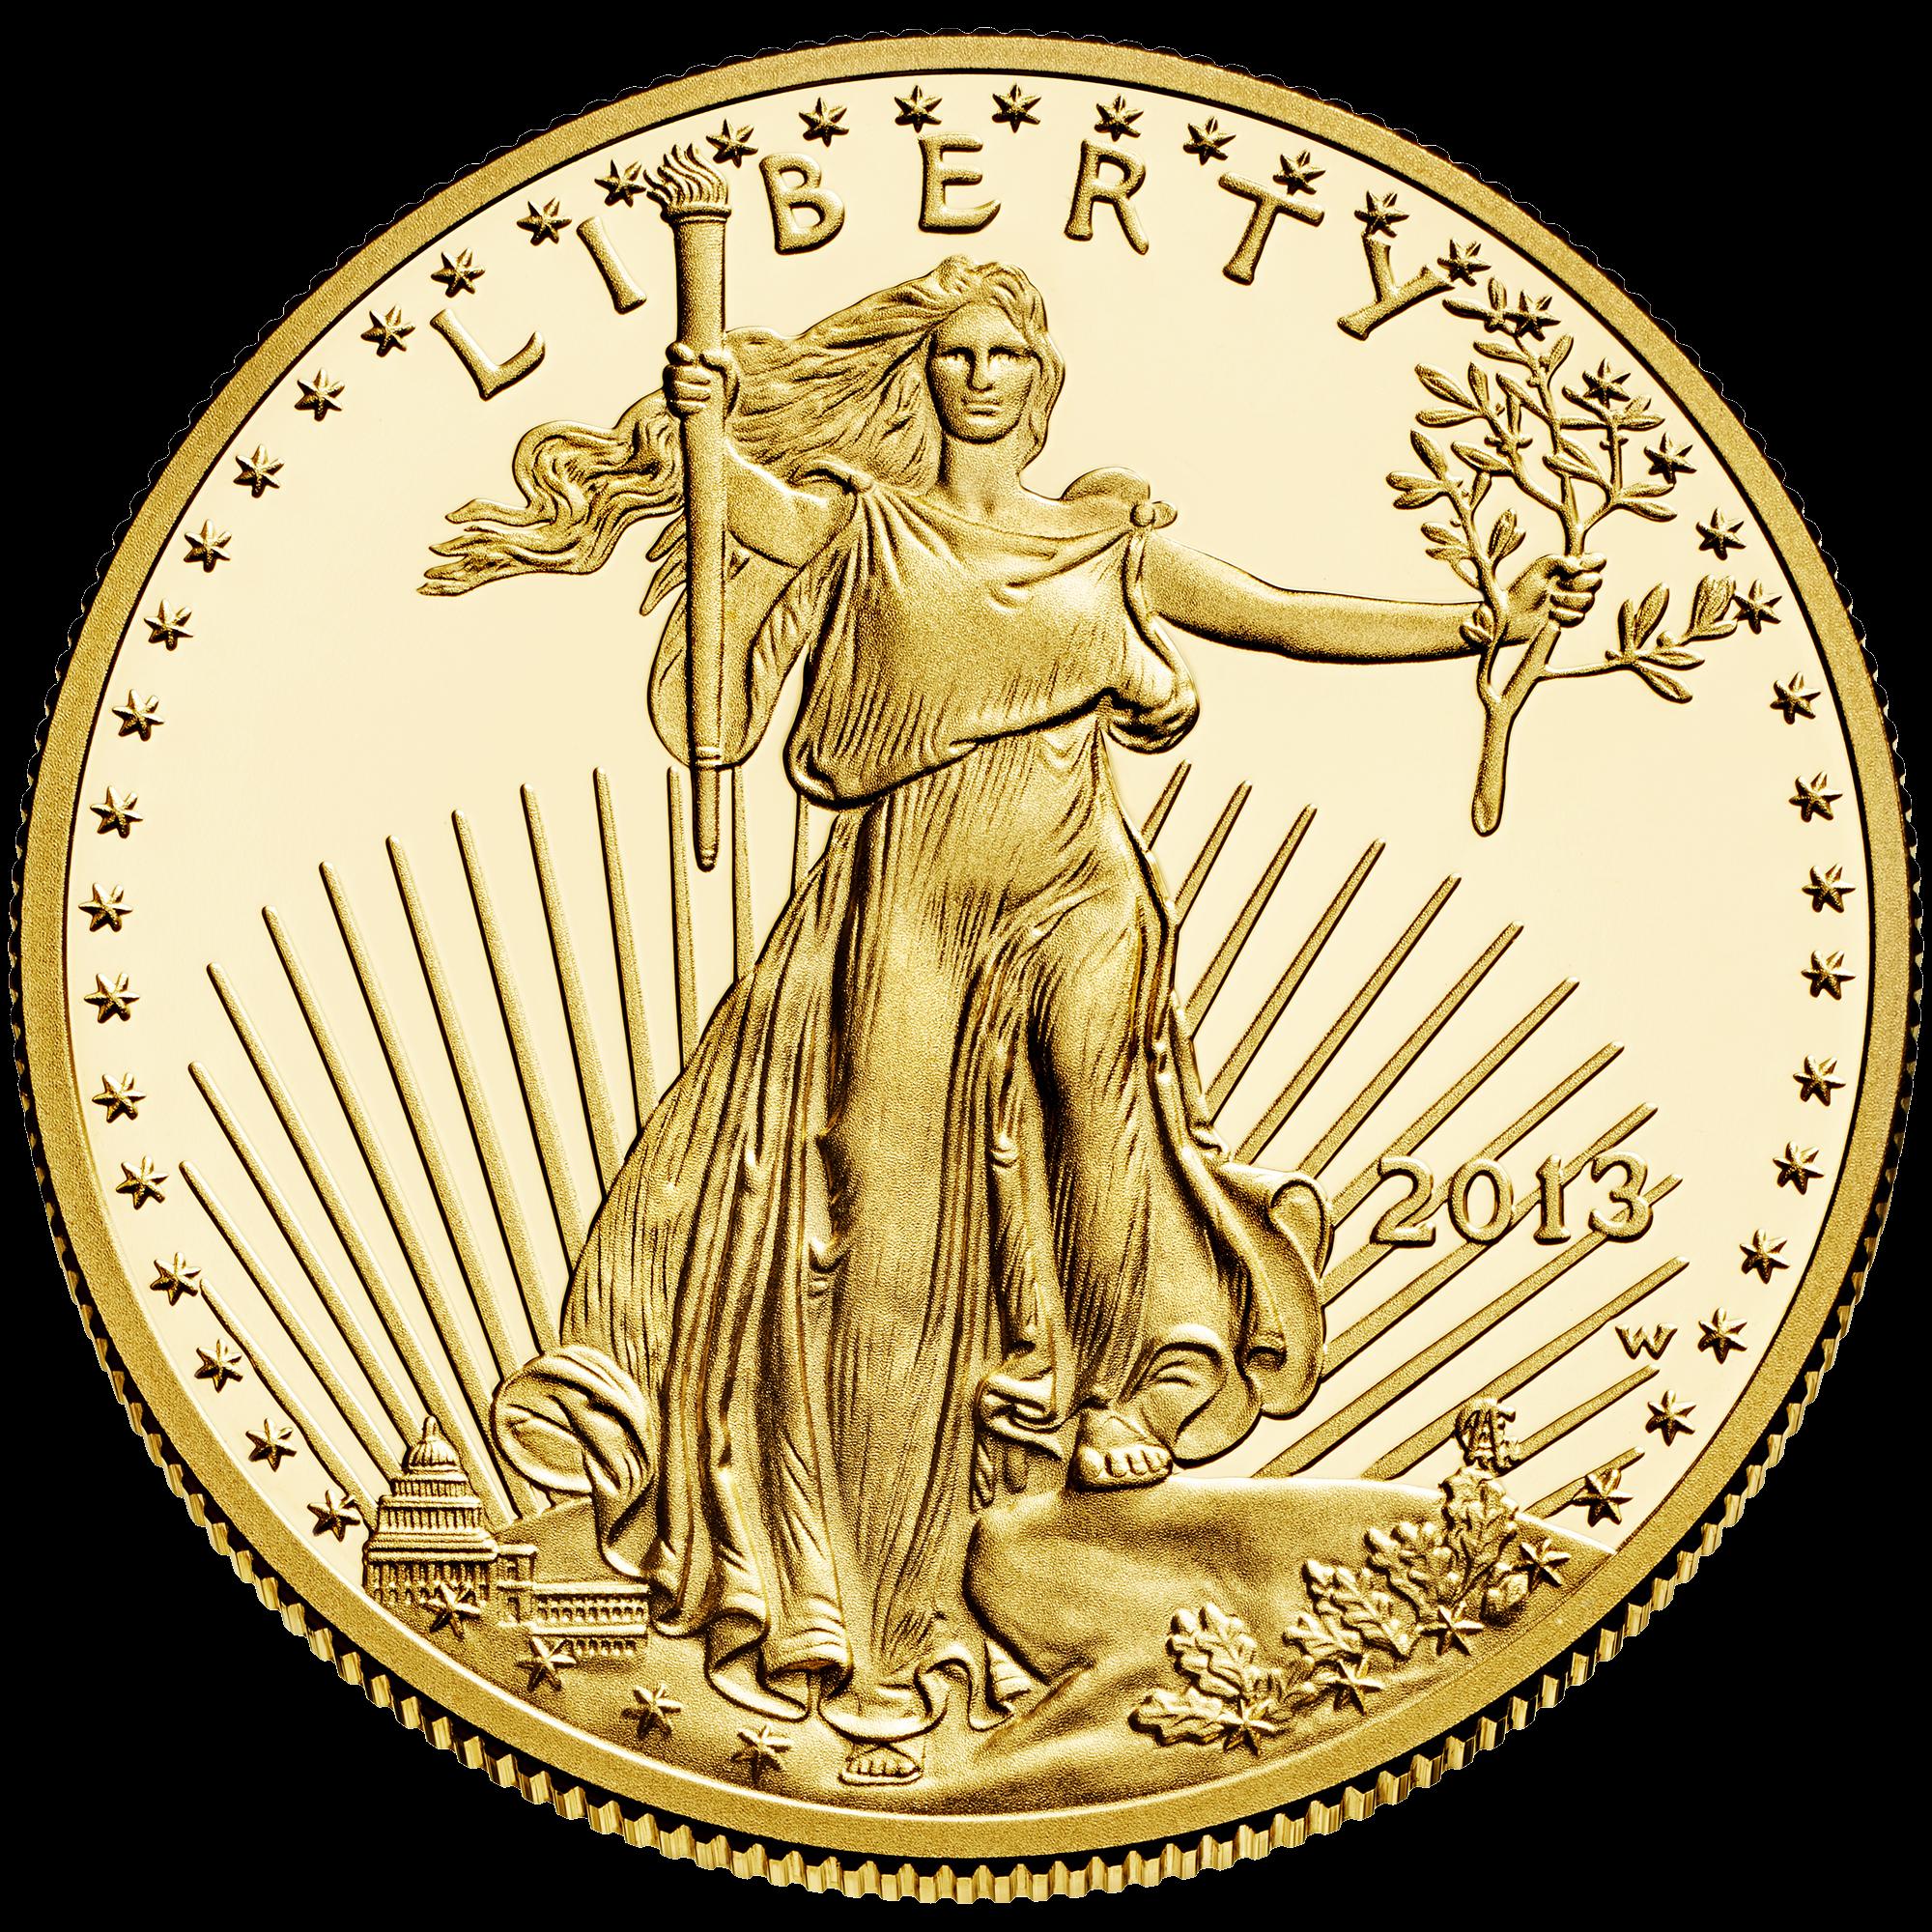 Coin clipart single coin. Precious metals gold nugget